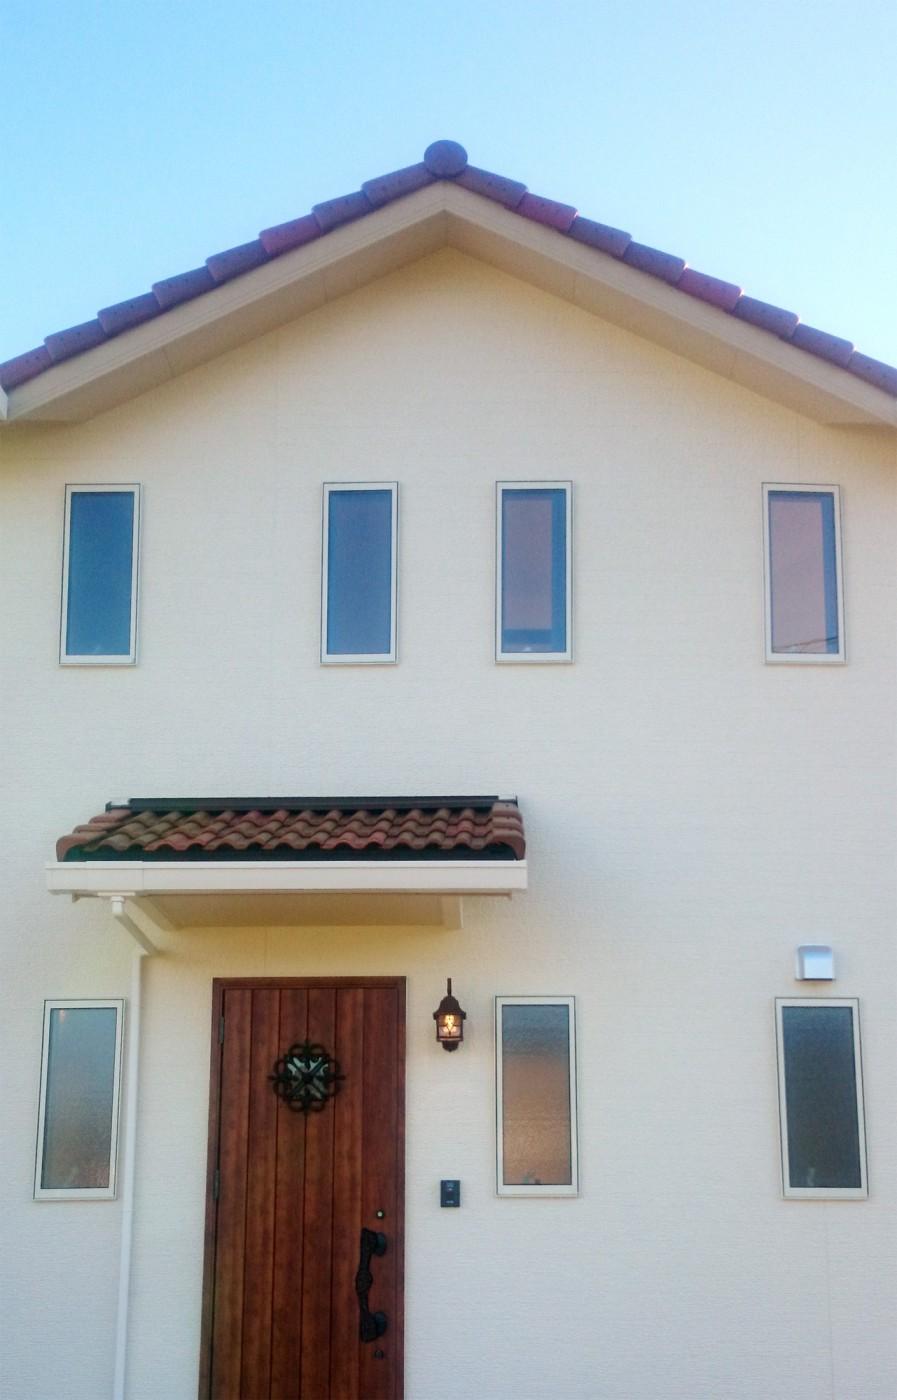 バランスよく配置された窓が建物全体のバランスも良くしてくれます。